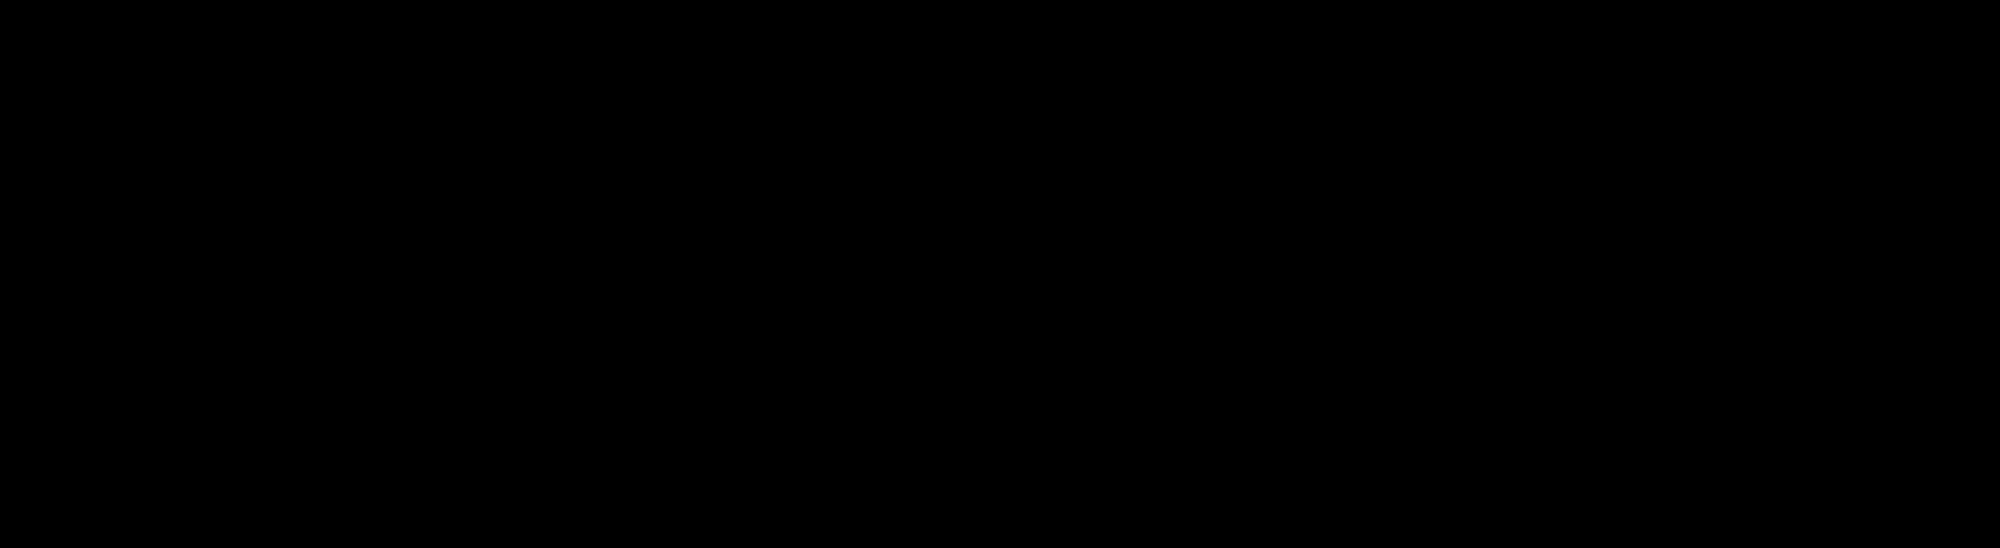 John McCollister for Legislature-logo-black.png